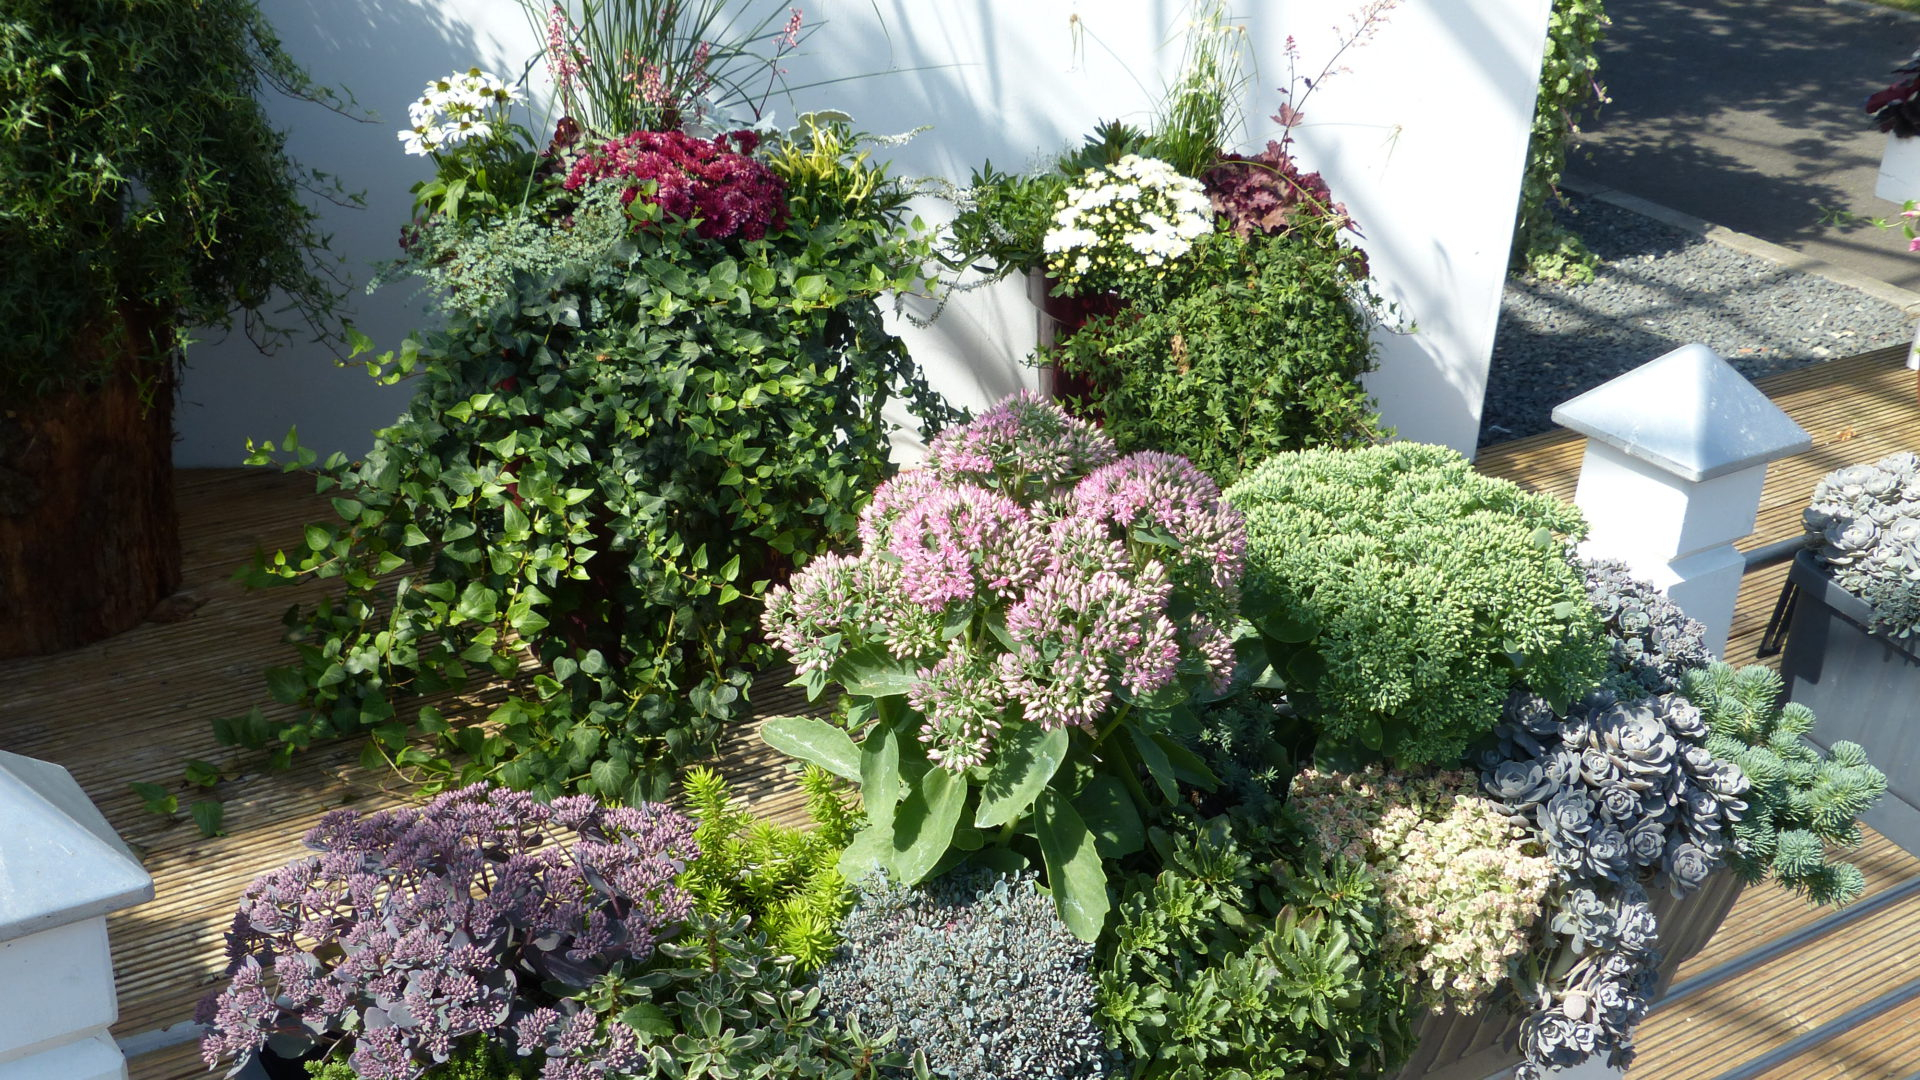 Hortelli - Petits Jardins Et Beaux Objets En Cœur De Ville À ... dedans Objets Decoration Jardin Exterieur